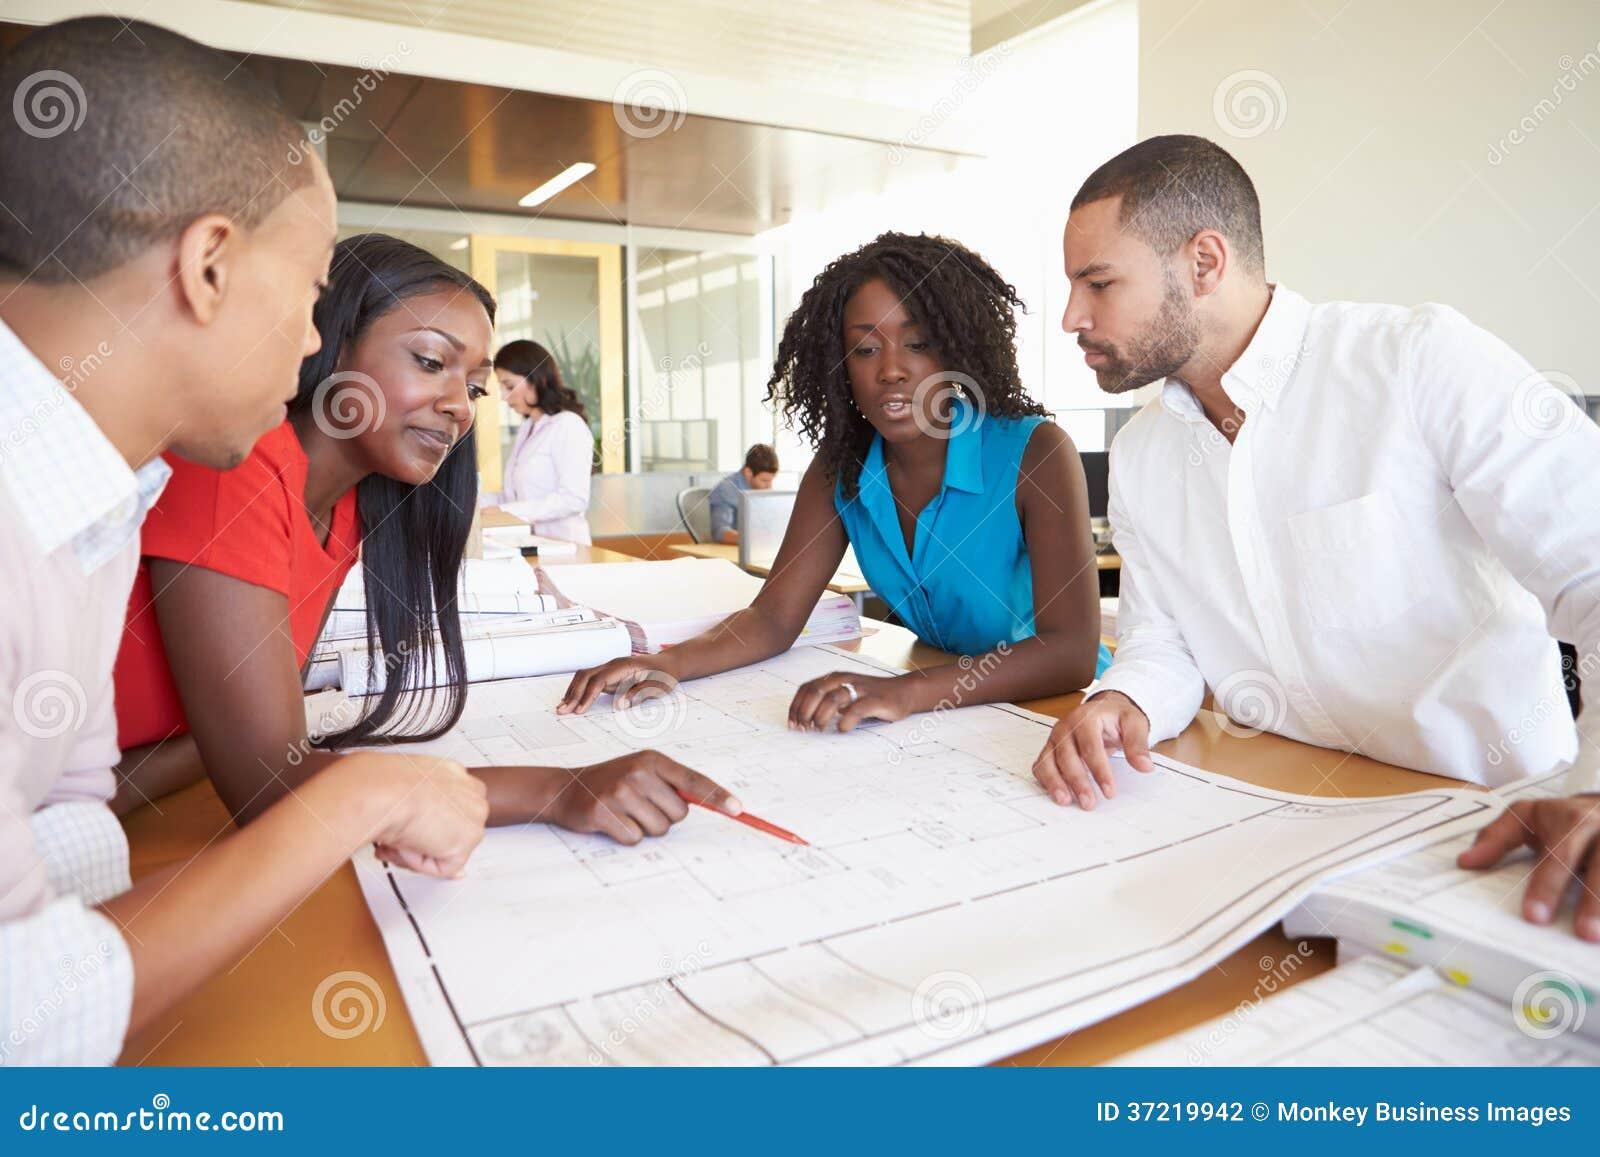 小组建筑师谈论计划在现代办公室